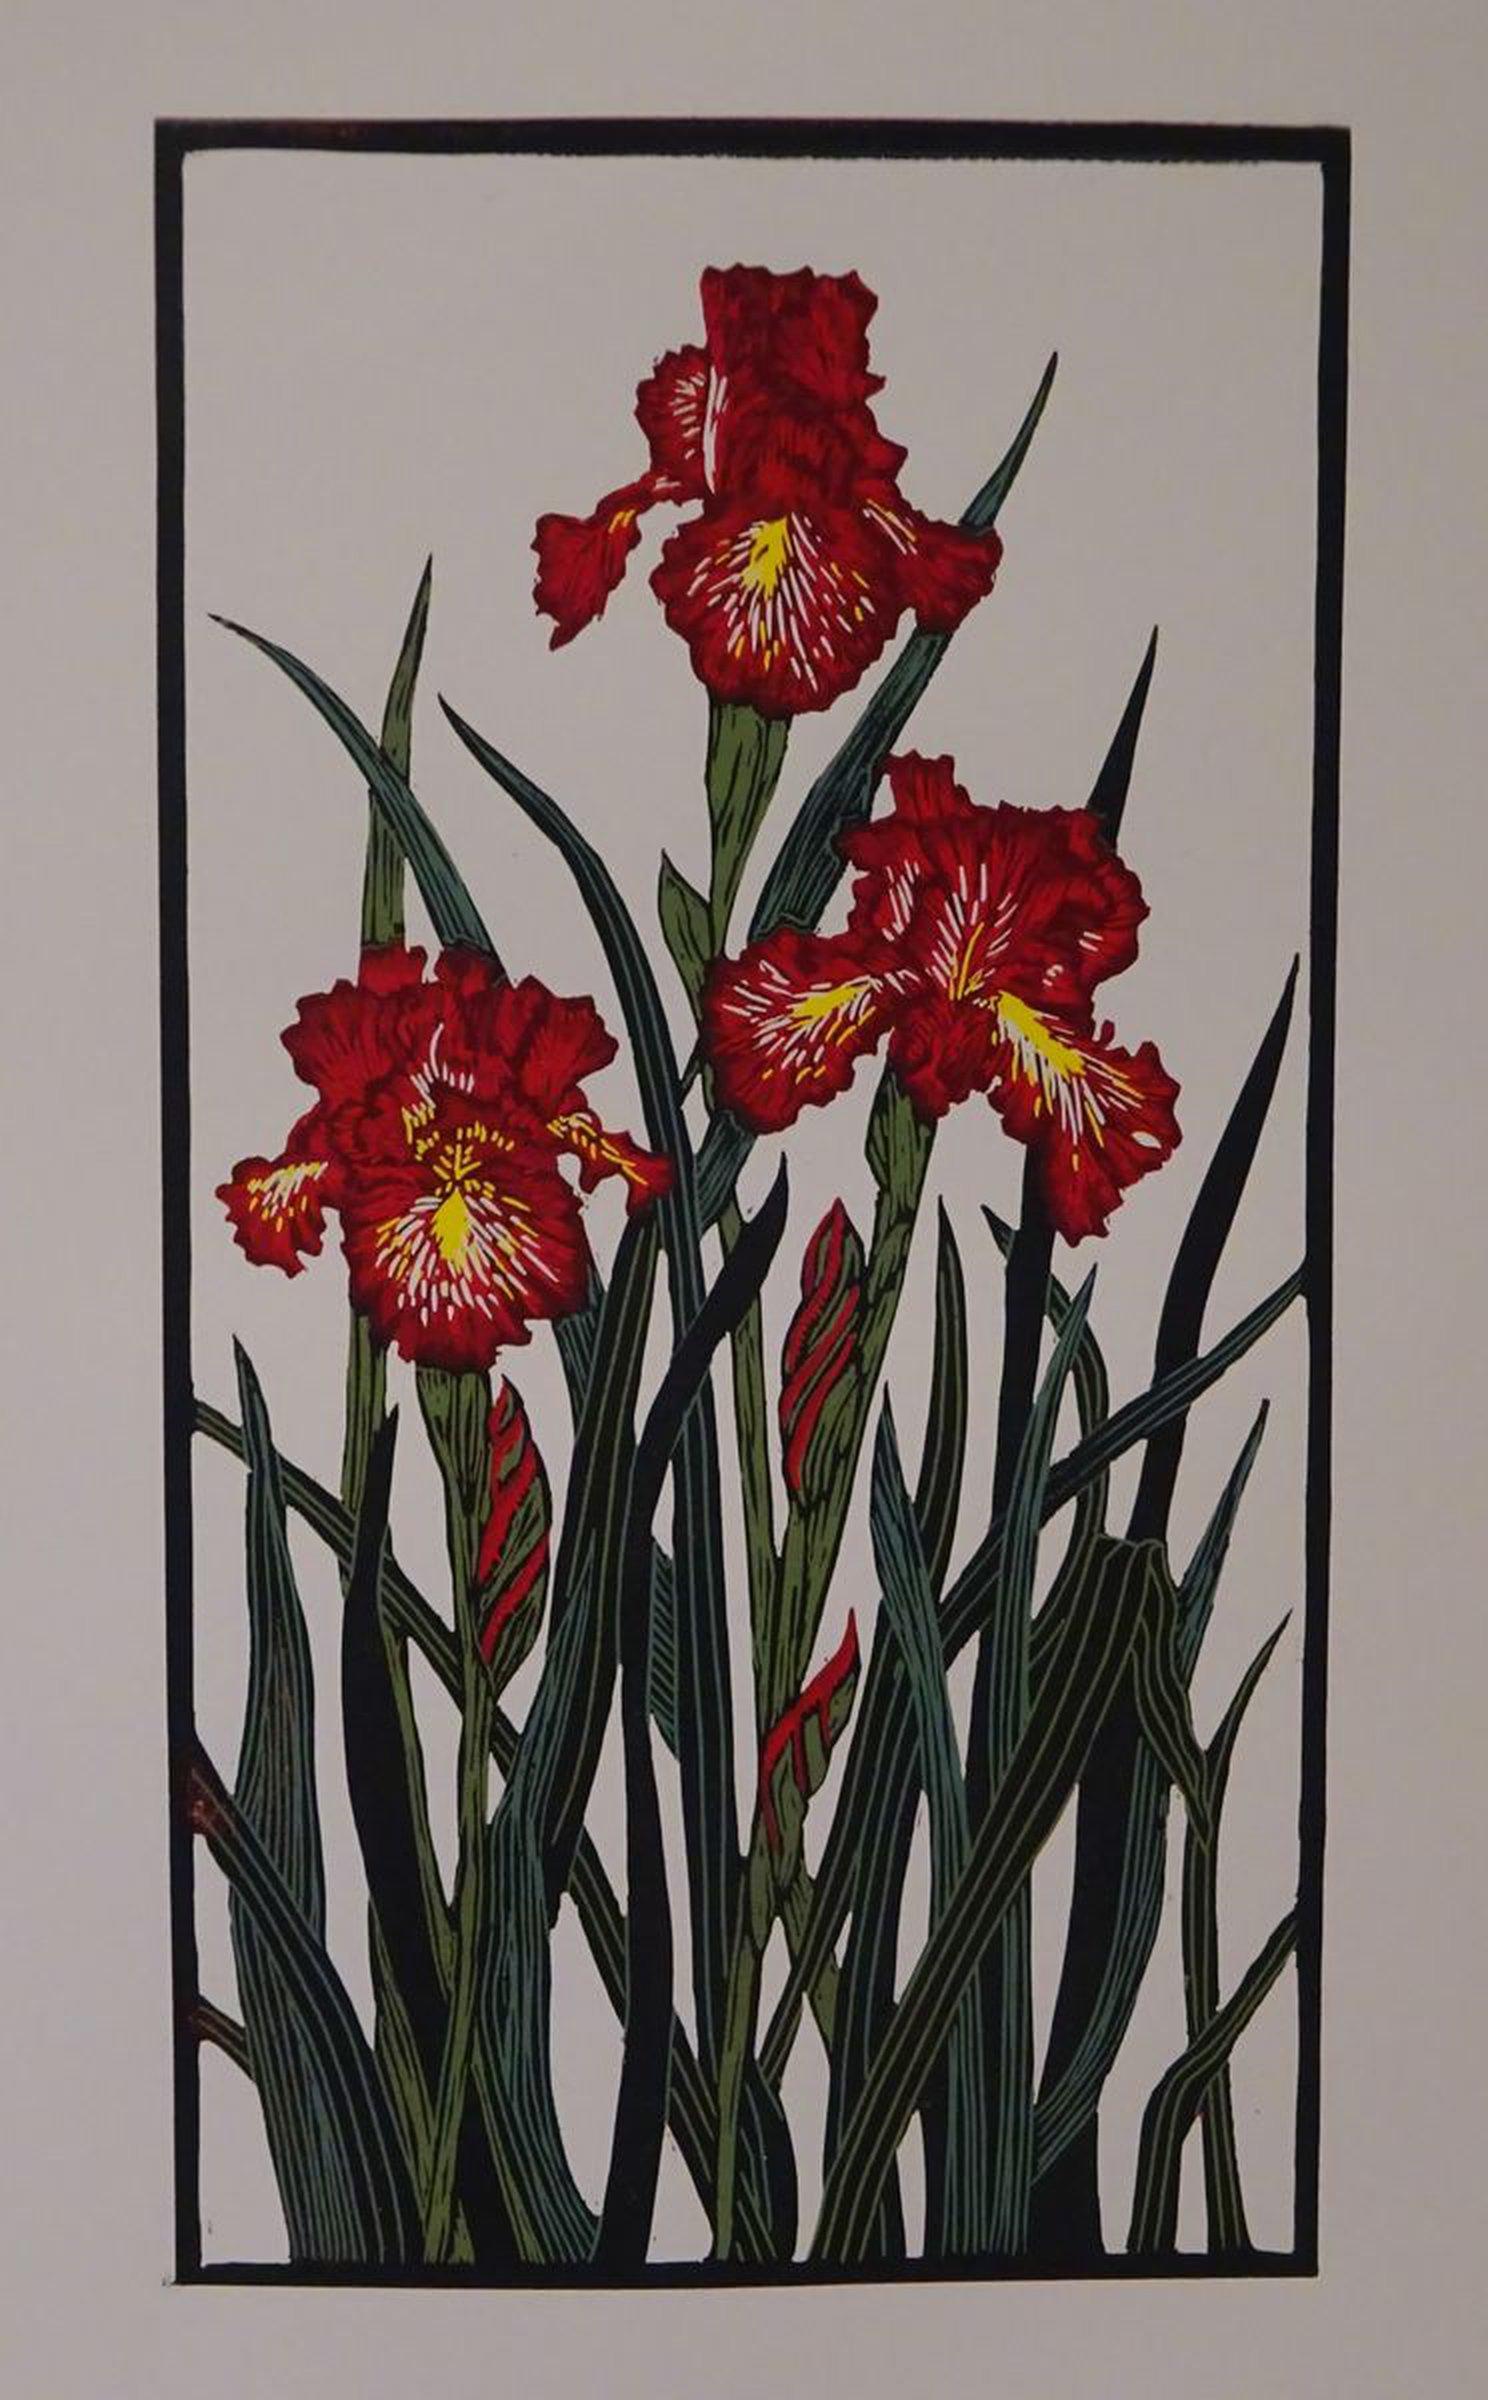 Crimson Iris flowers by Margaret Mallows | Artfinder